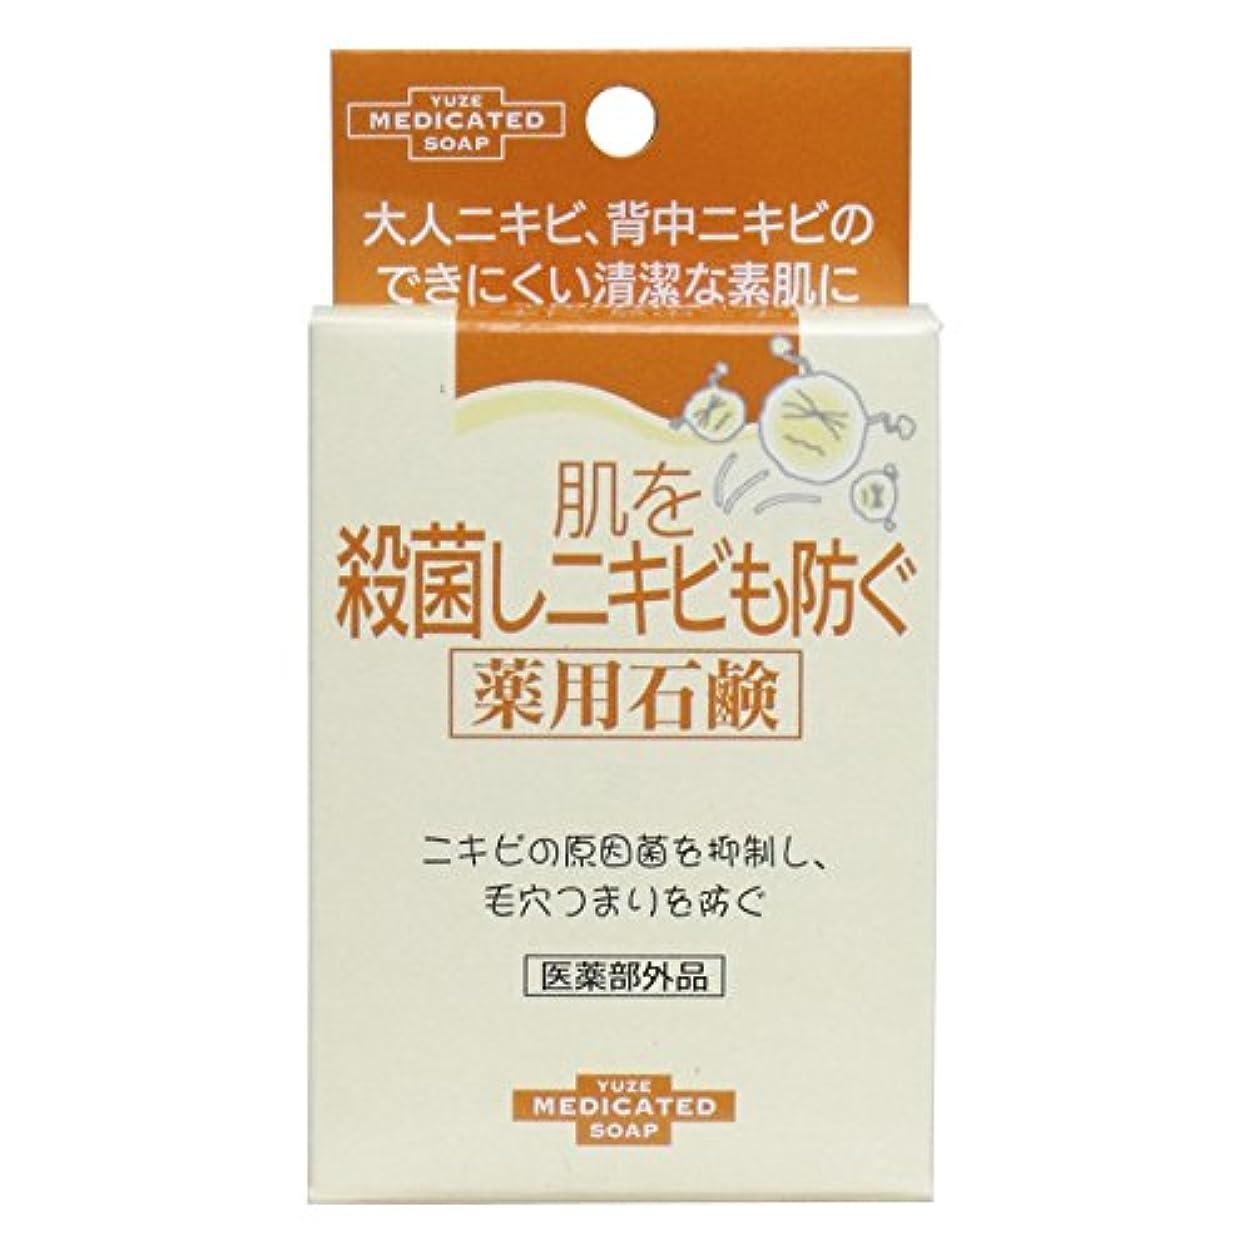 下る消費する費やすユゼ 肌を殺菌しニキビも防ぐ薬用石鹸 (110g)